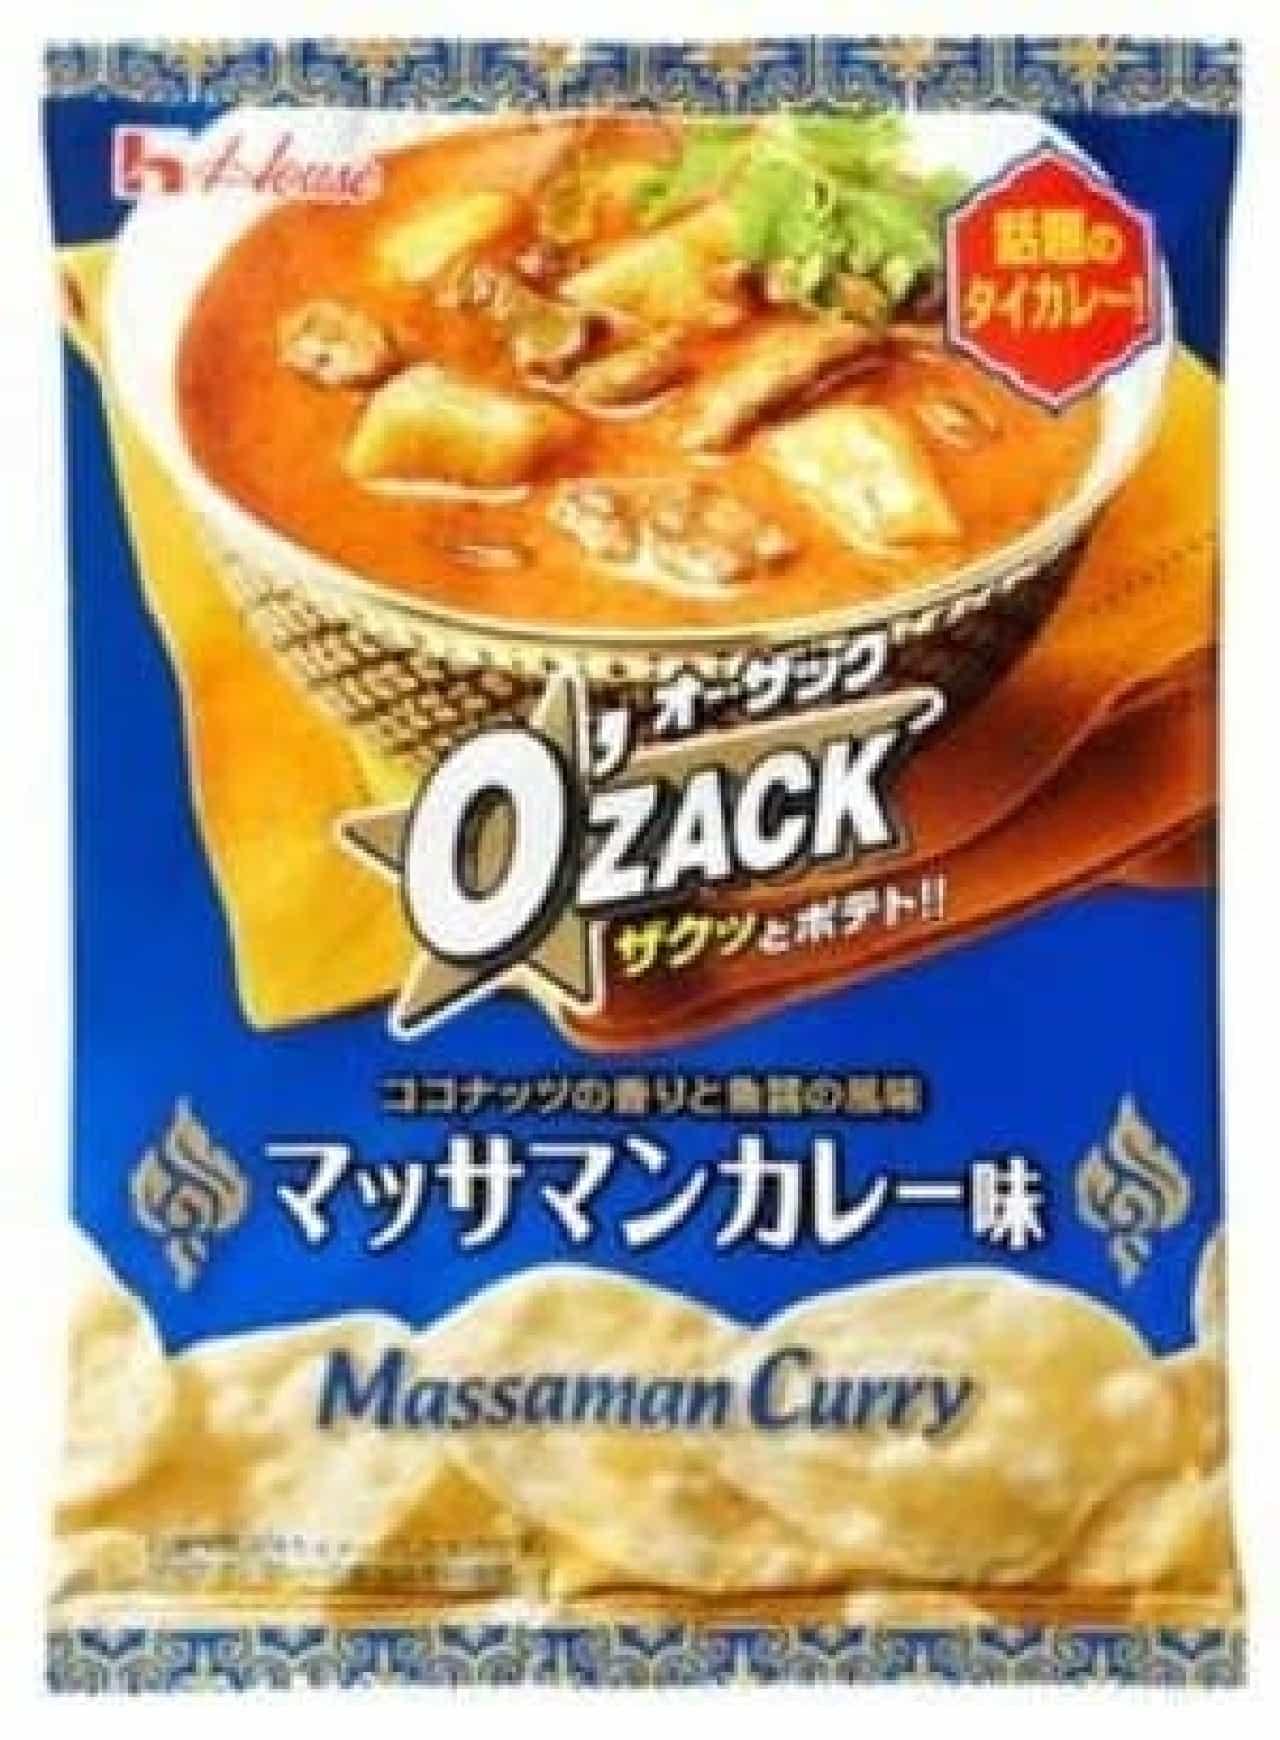 マッサマンカレー味のオー・ザック